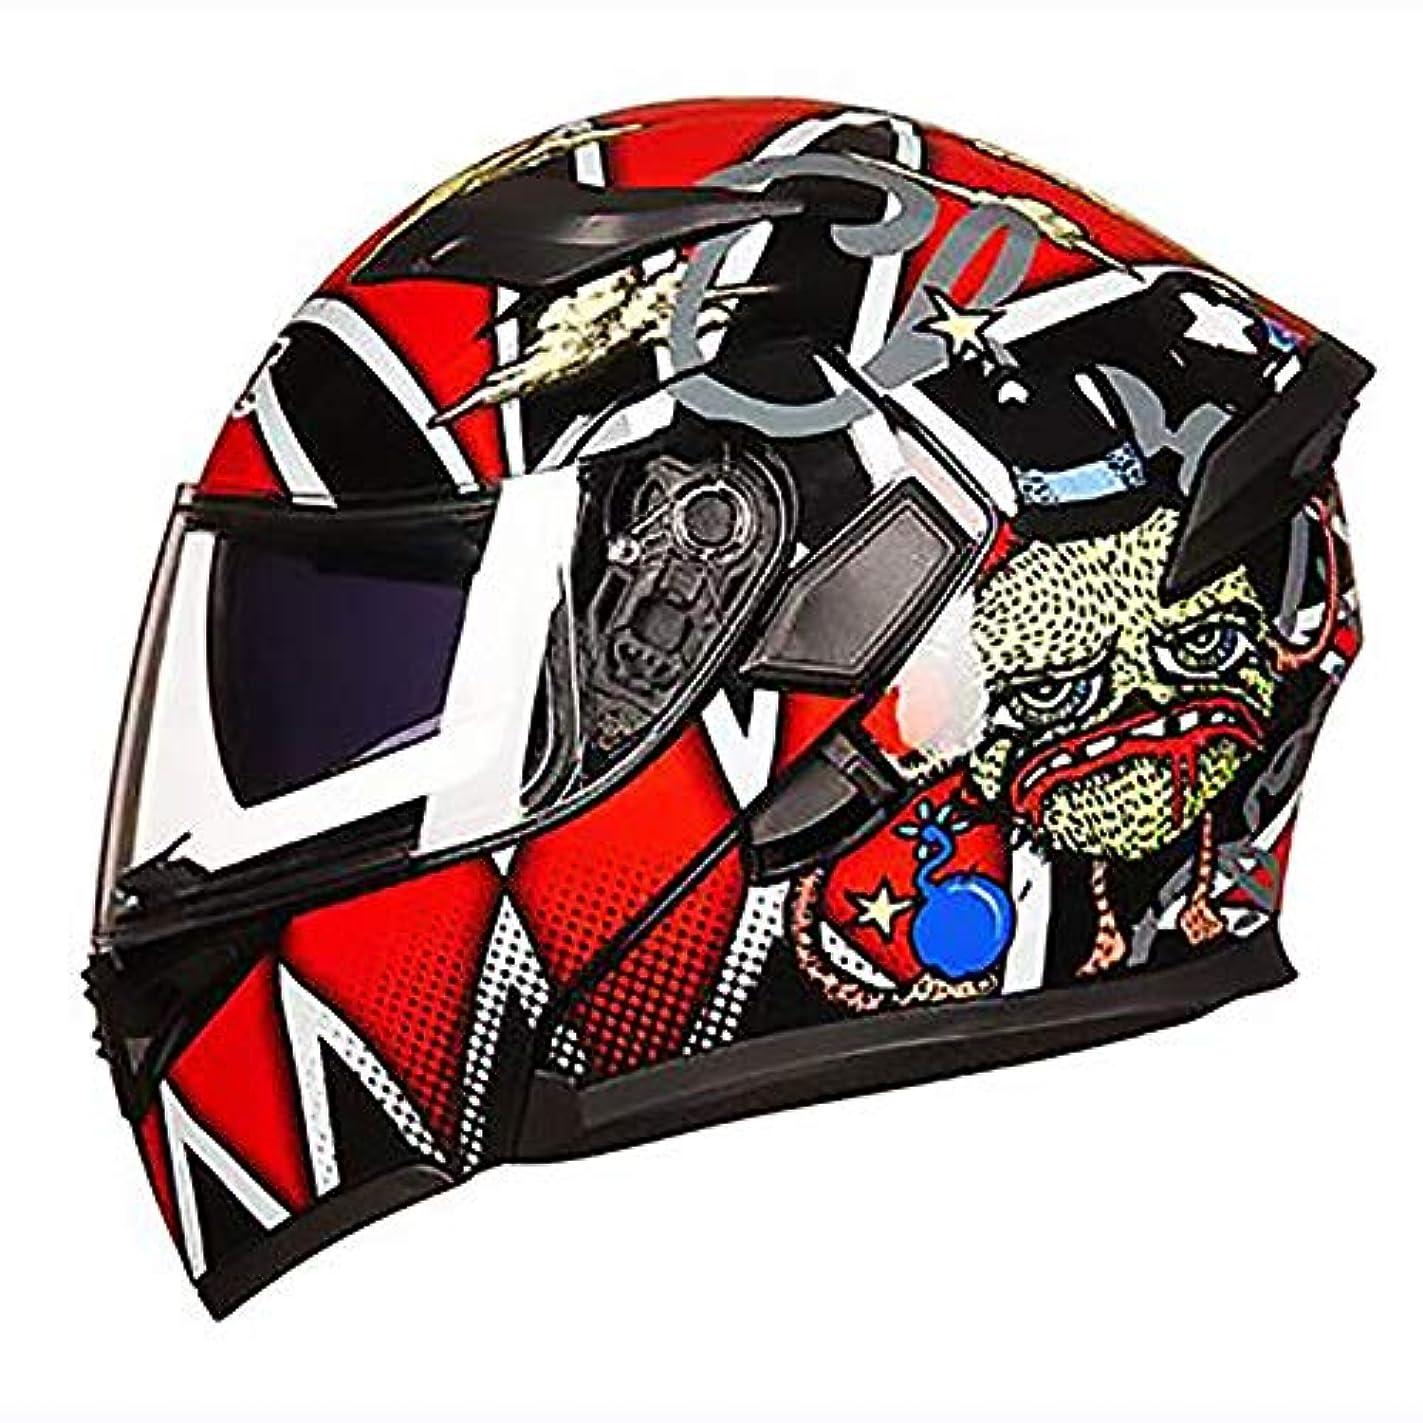 ワックス買い物に行く一節Safety ホットブラッドボール/黒赤パターン大人自転車ヘルメット乗馬電気自動車オートバイヘルメット自転車マウンテンバイクヘルメット屋外乗馬機器 (Size : M)